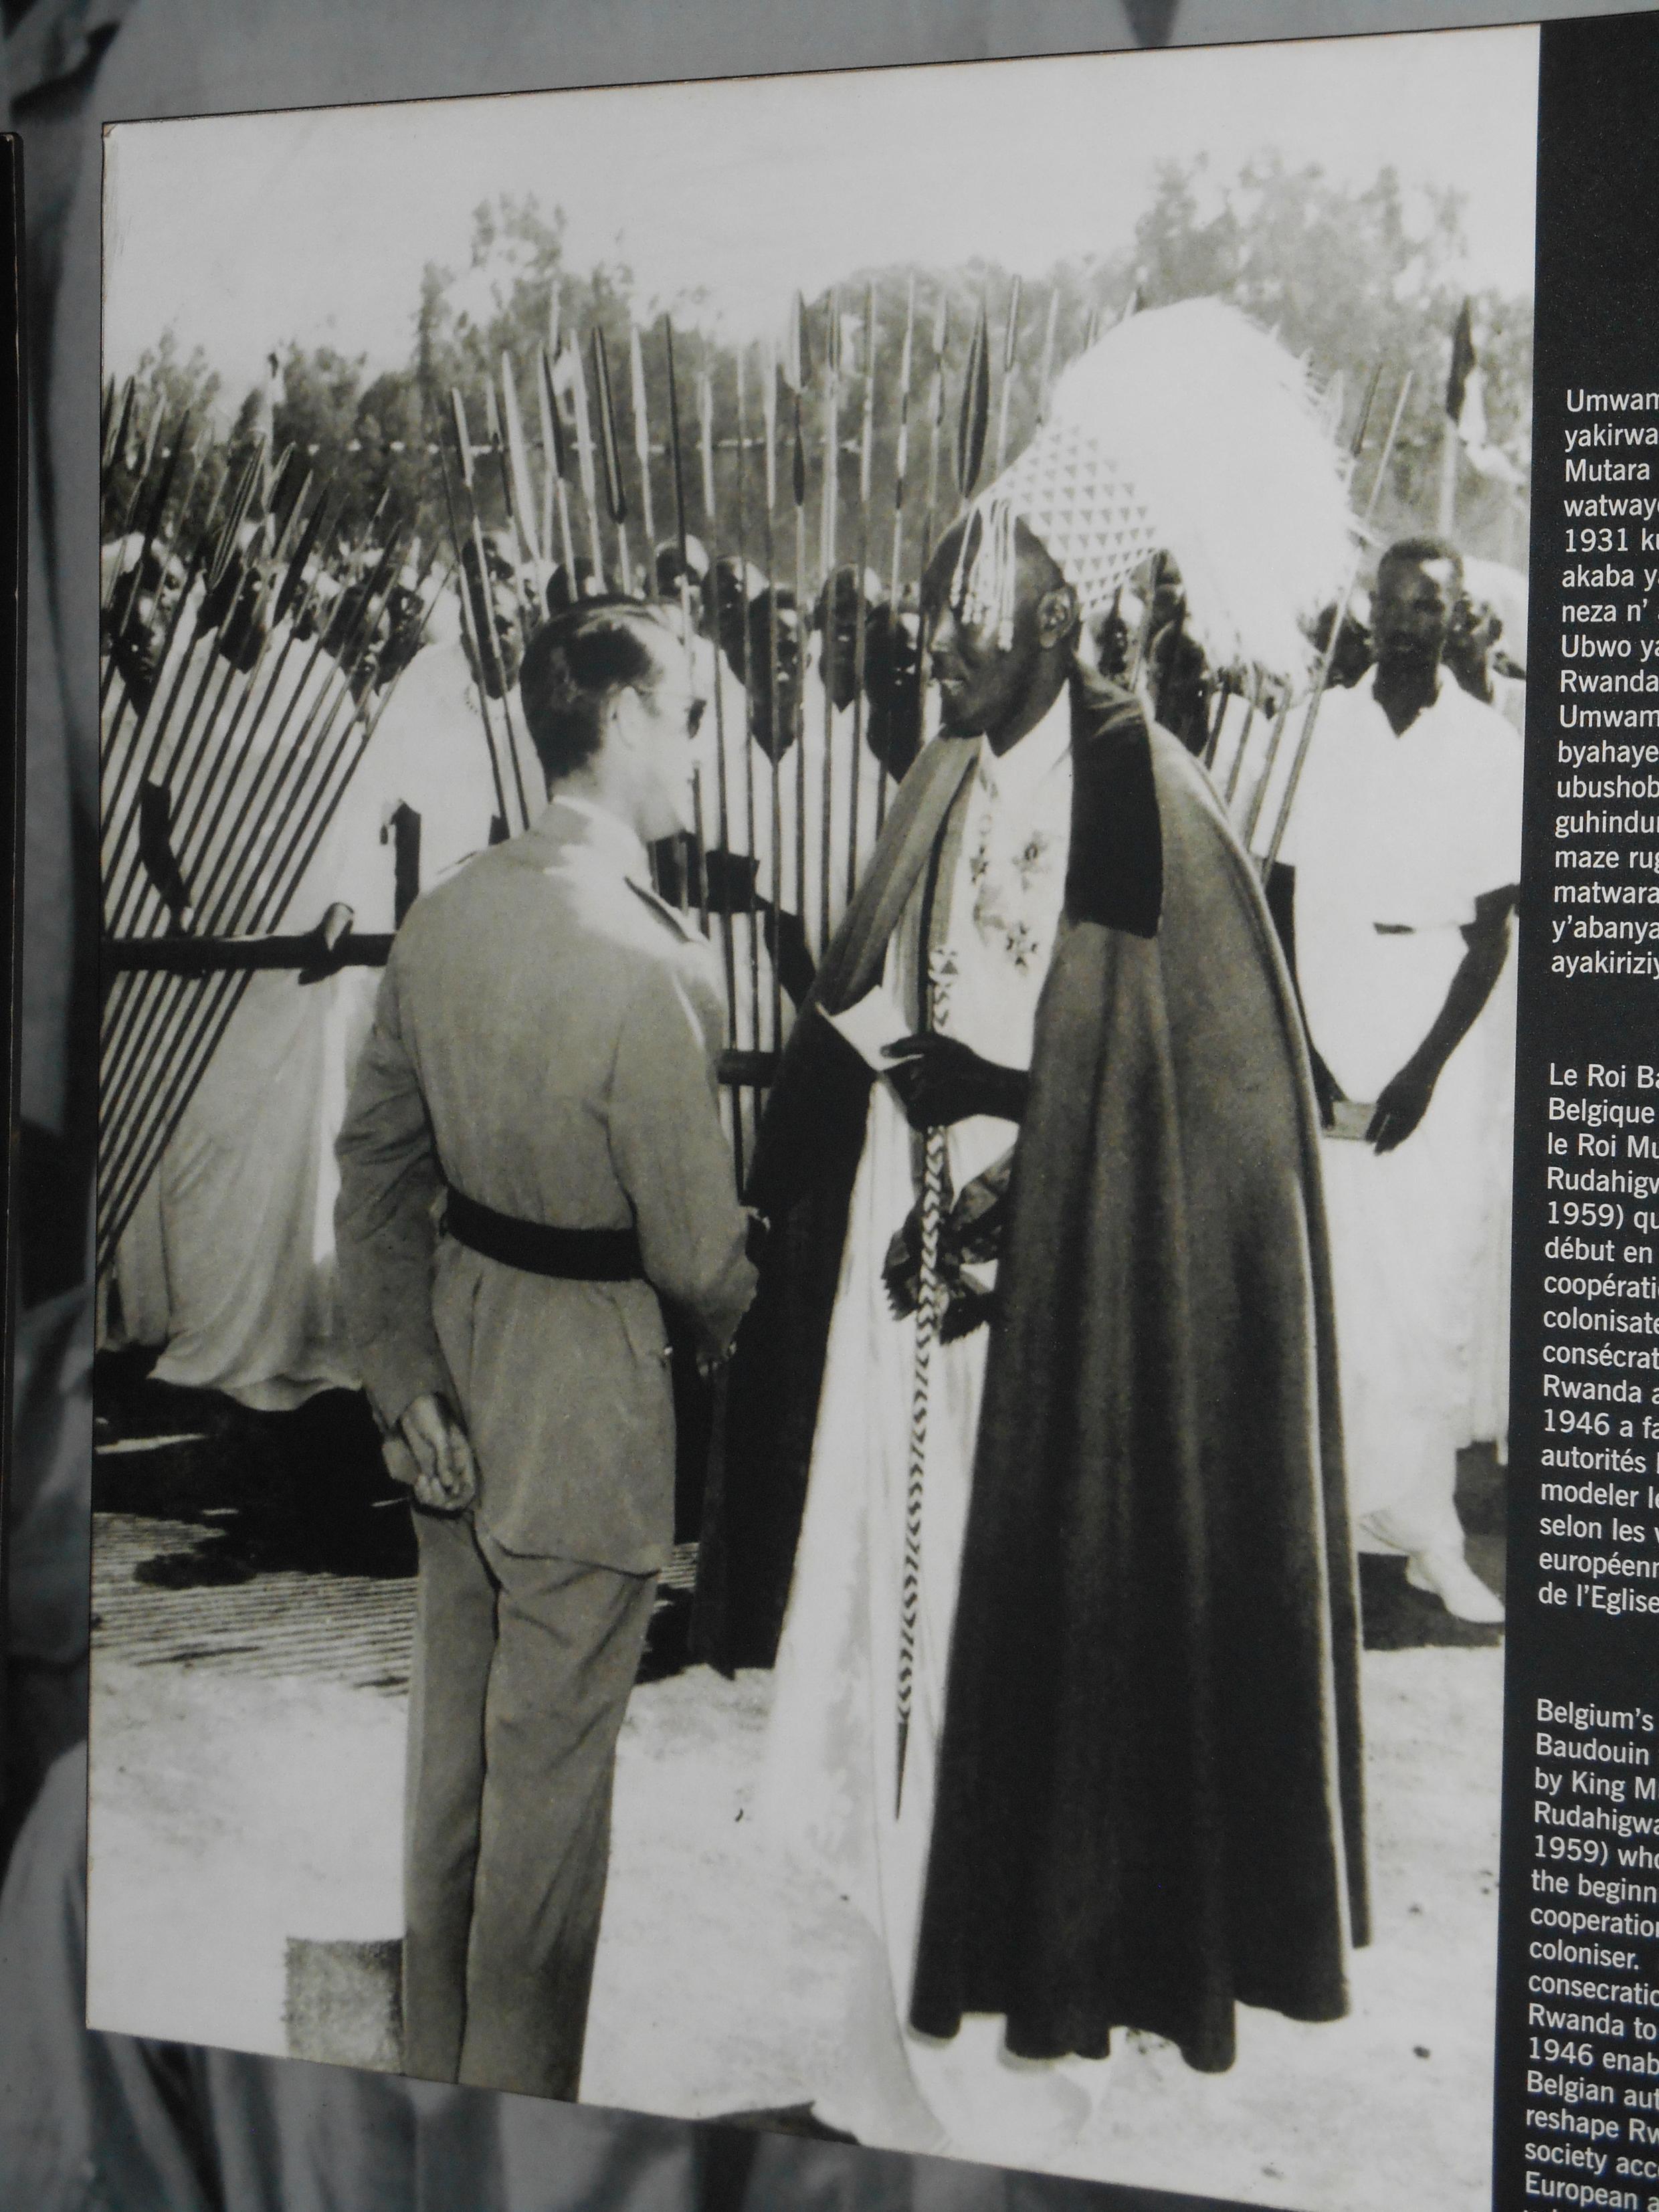 Король Бельгии Бодуэн с королем Руанды Мутара III